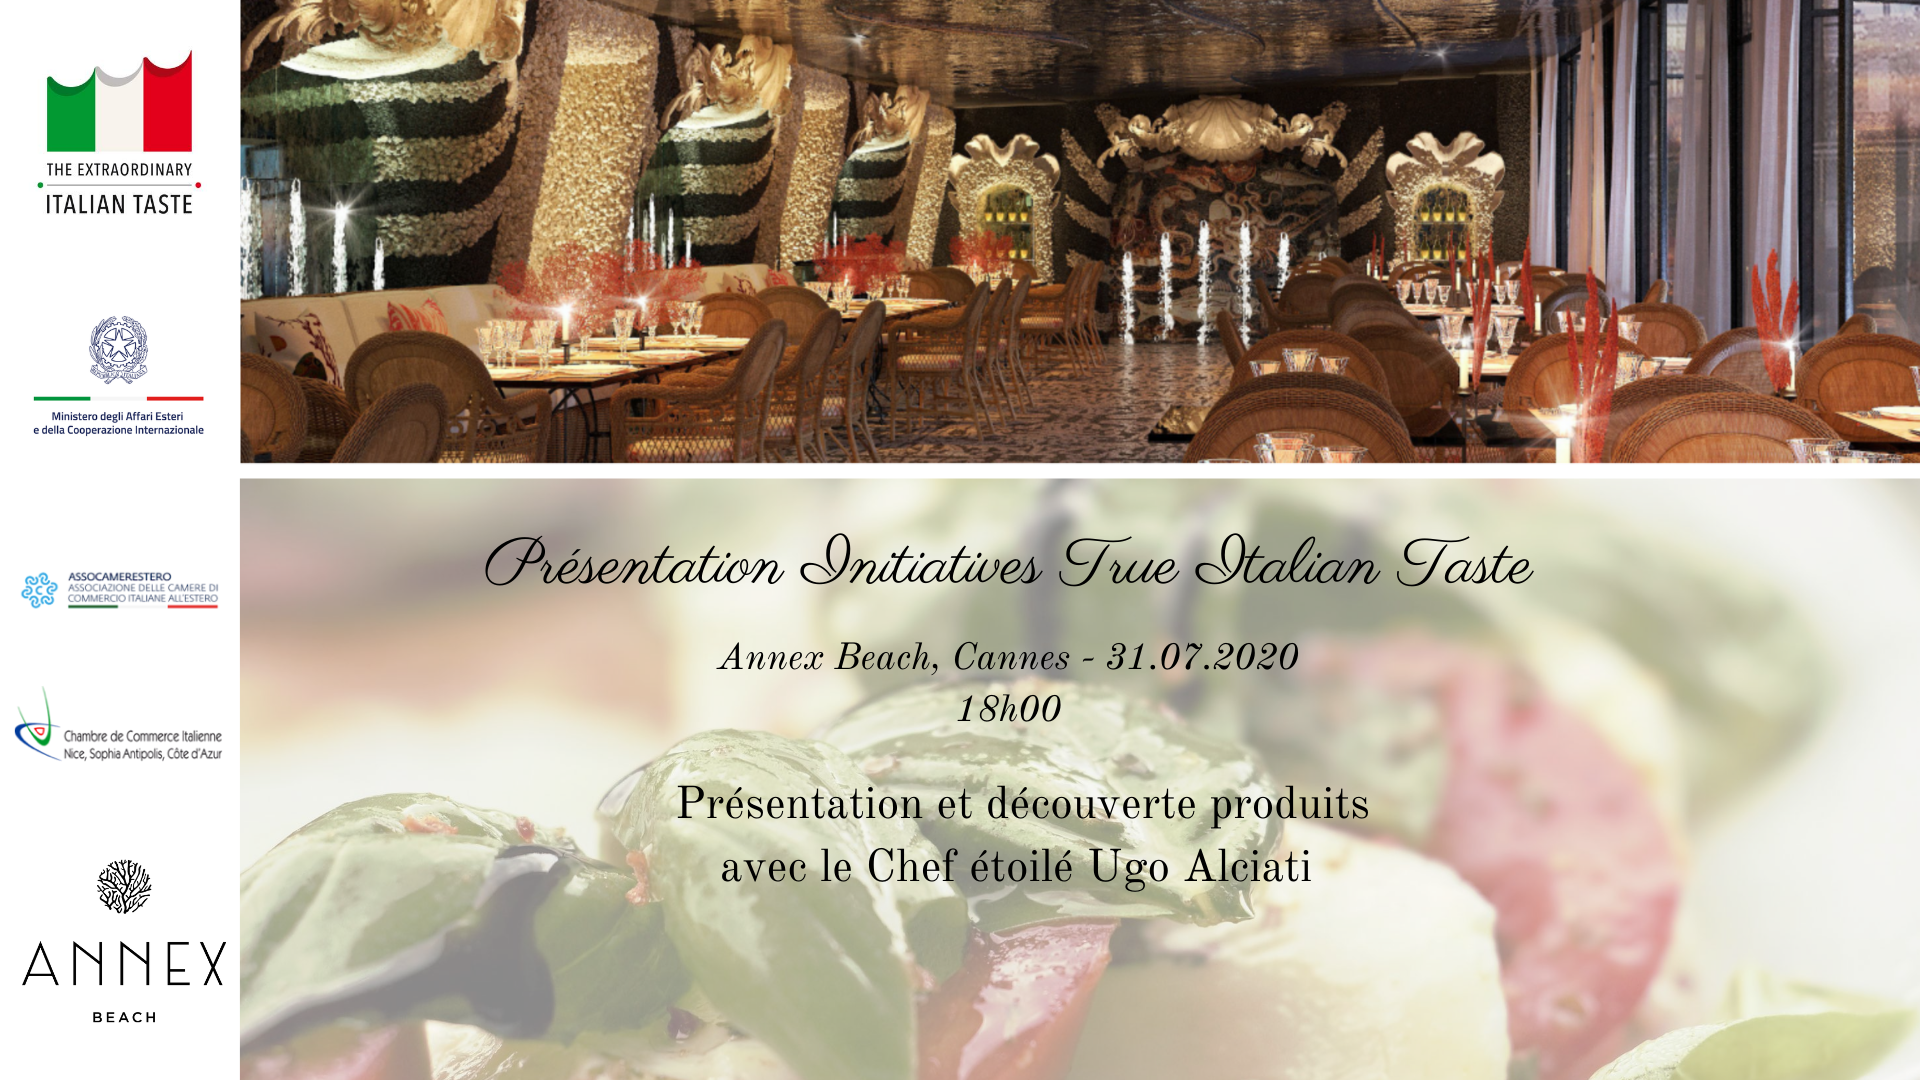 Le iniziative di True Italian Taste in Costa Azzurra